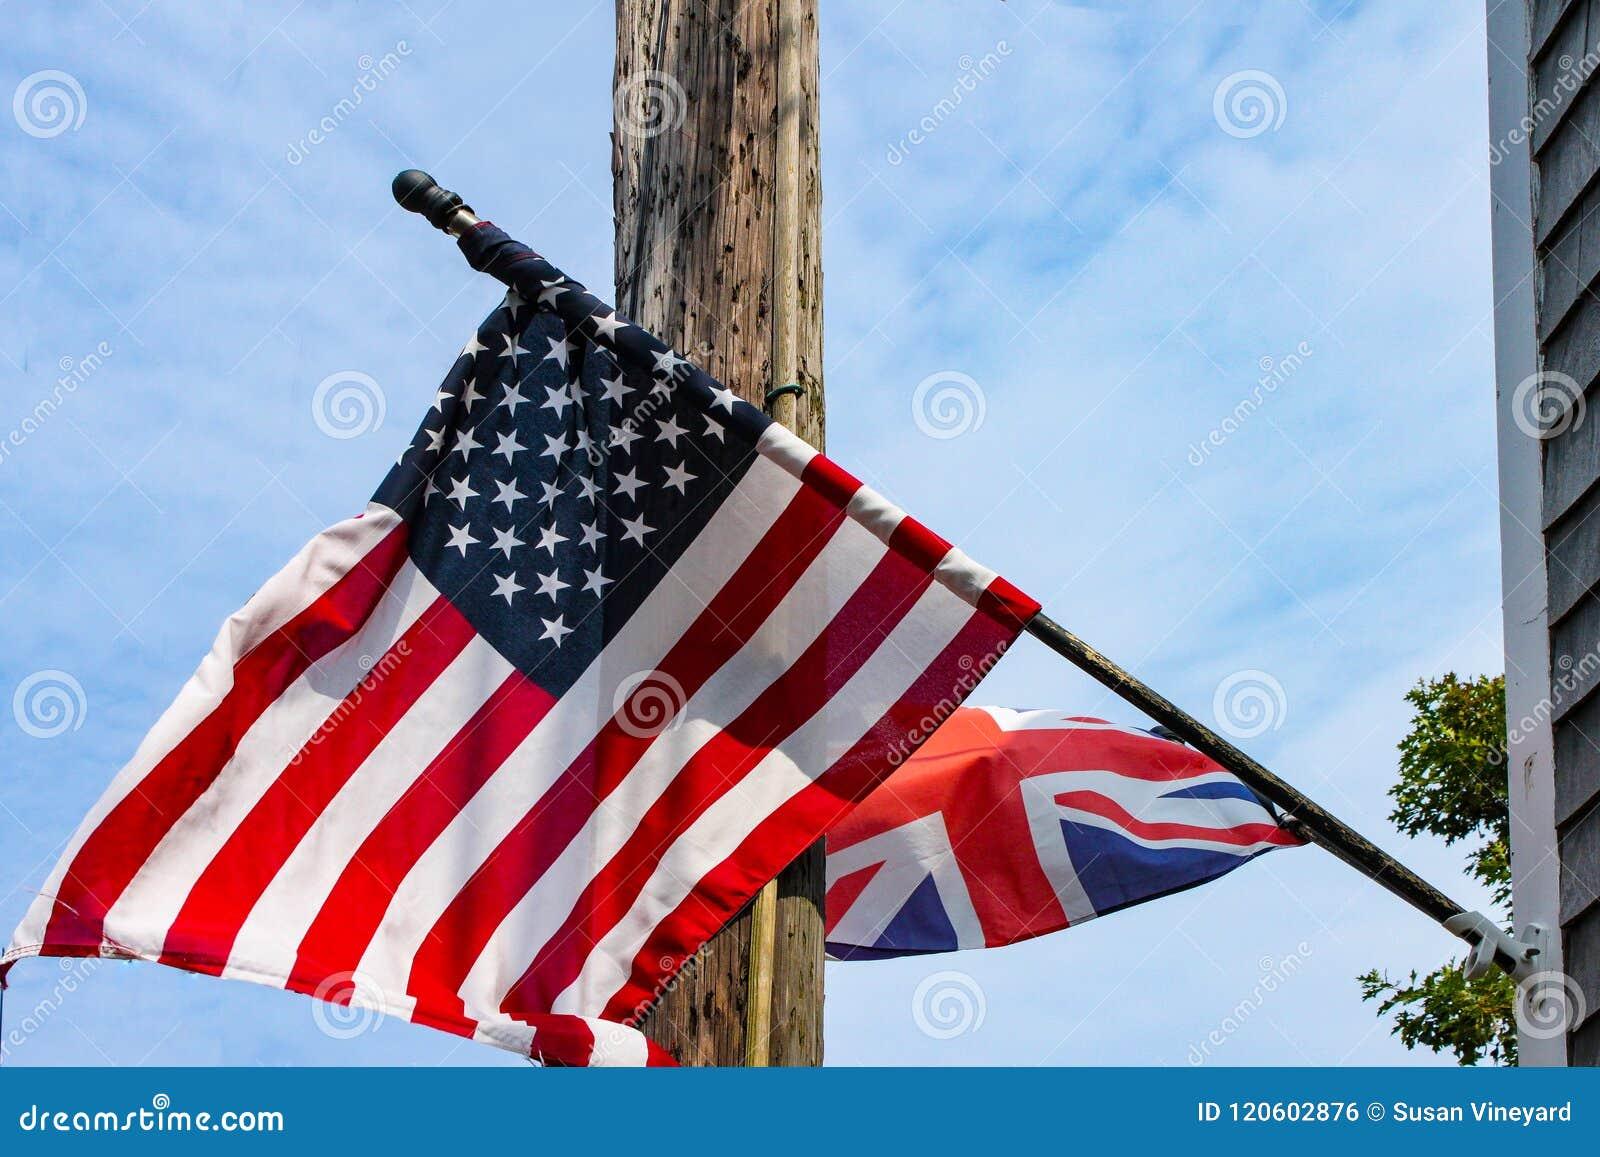 Drapeaux britanniques et américains volant d une maison superficielle par les agents de bardeau devant un poteau électrique et un